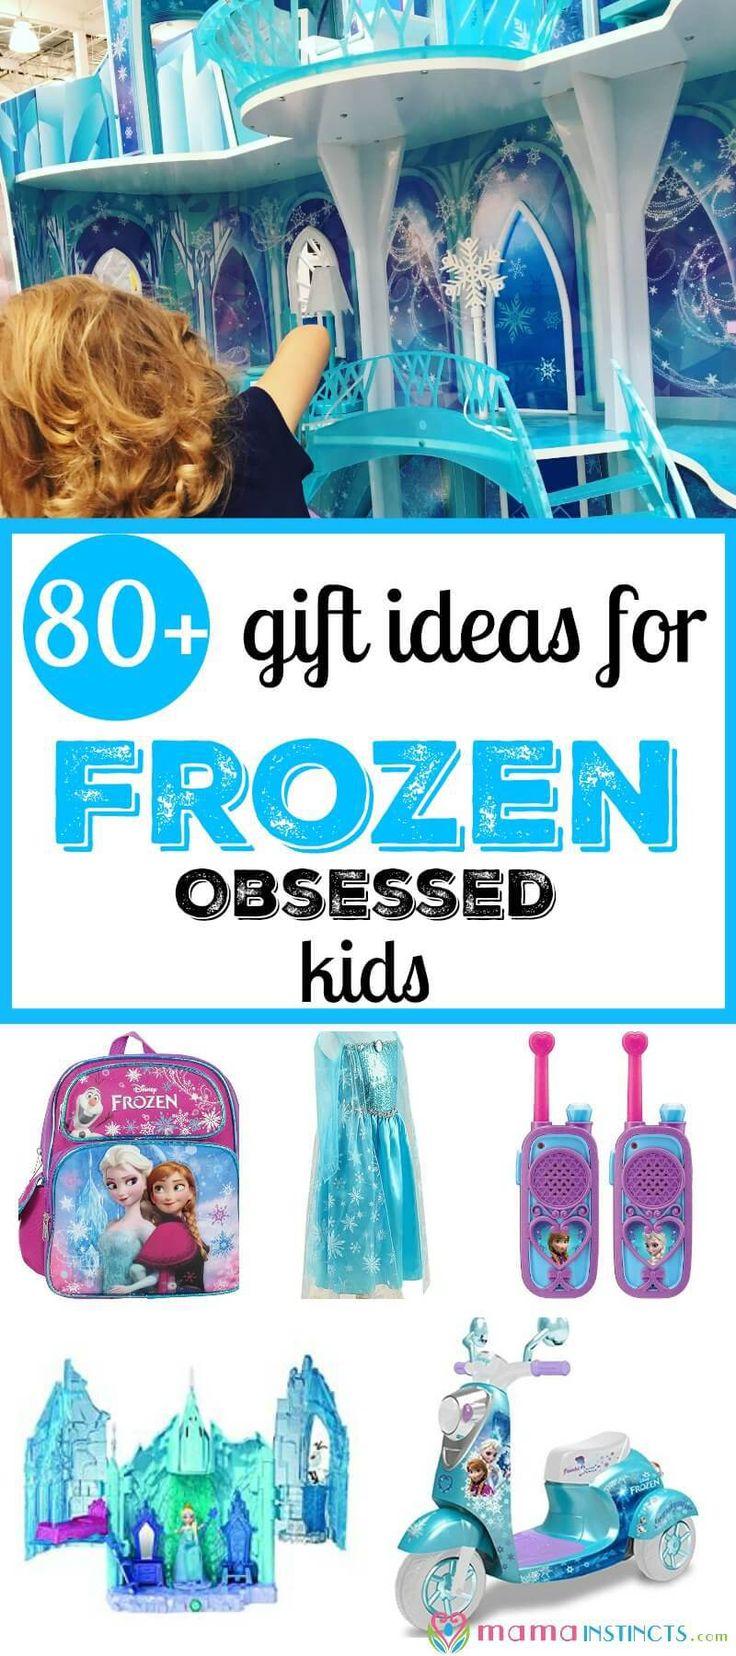 Best 25+ Frozen gift ideas ideas on Pinterest | Friend gifts, Best ...